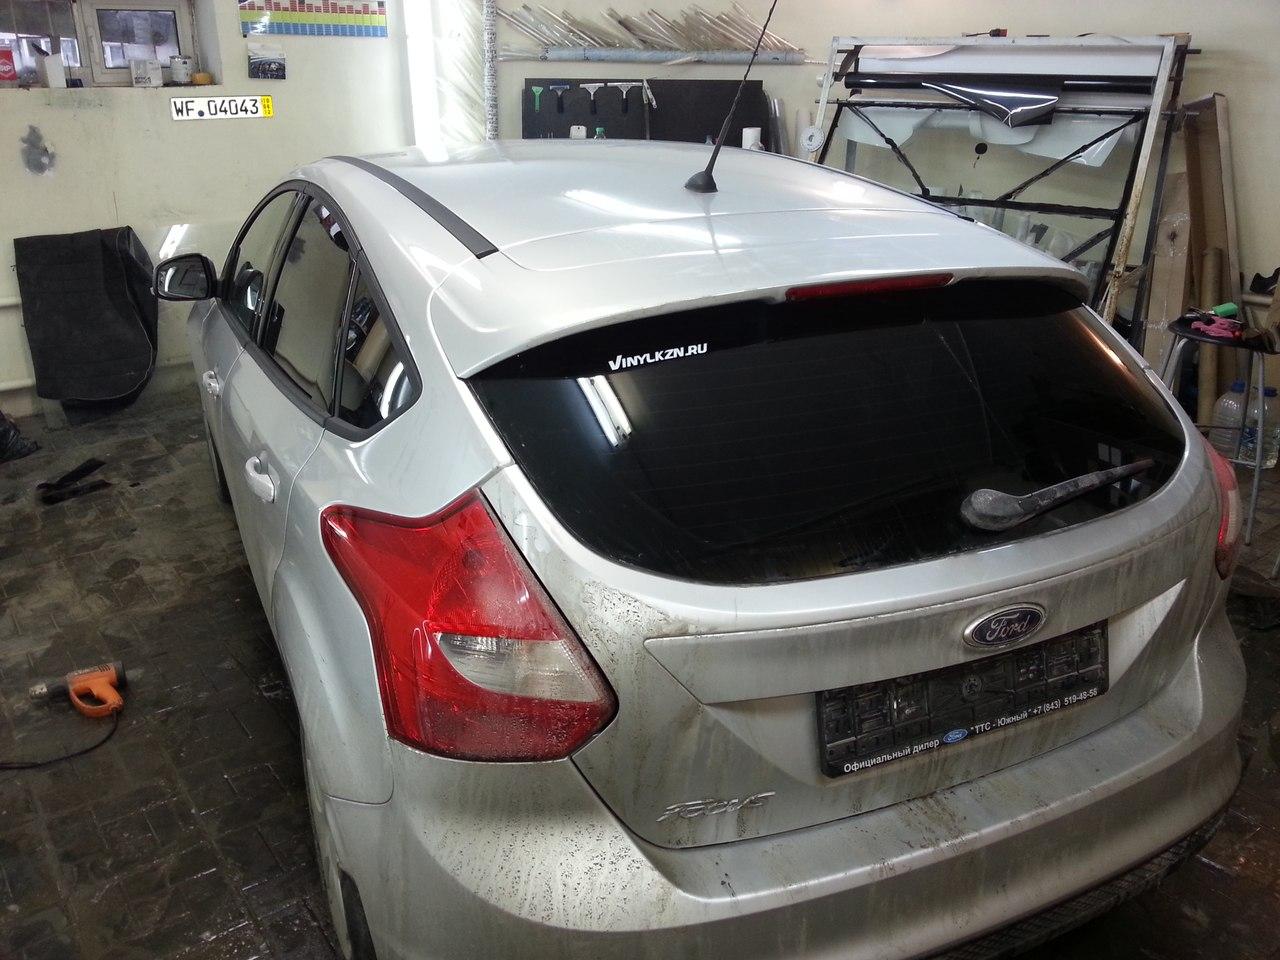 Ford Focus — тонировка стекол автомобиля — 01.01.2014